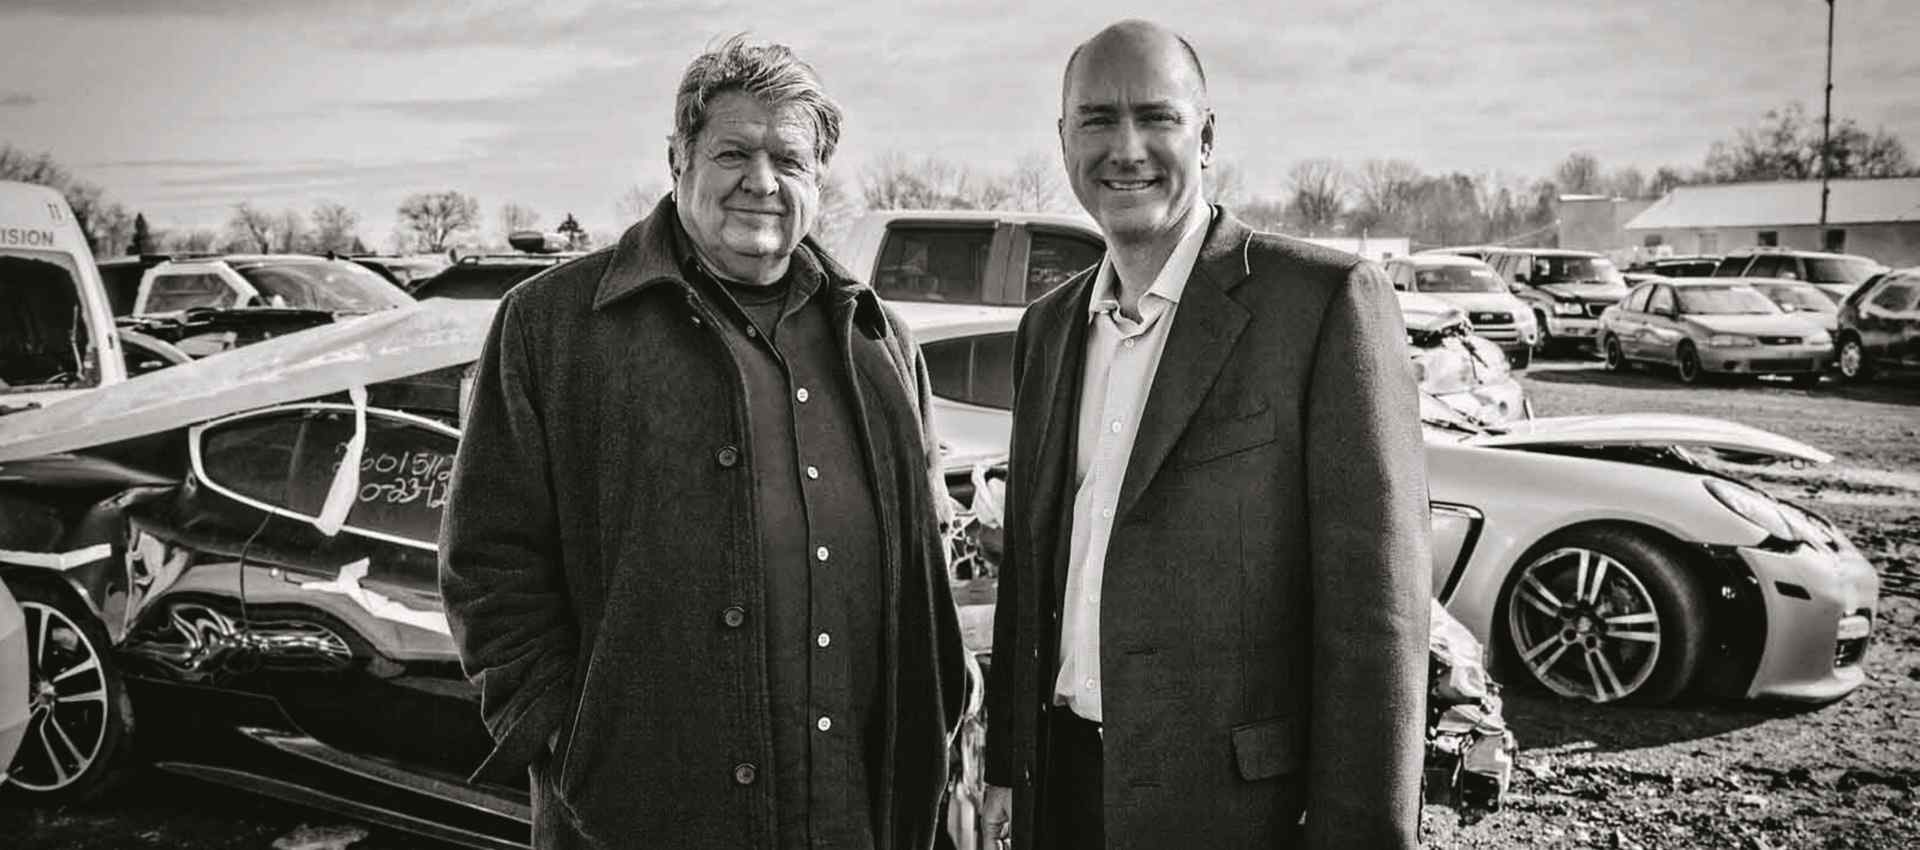 """אדיר (מימין) וג'ונסון. """"אפילו אם בפלורידה יש טורנדו אנחנו מוכרים"""". צילום: Phil Kline"""